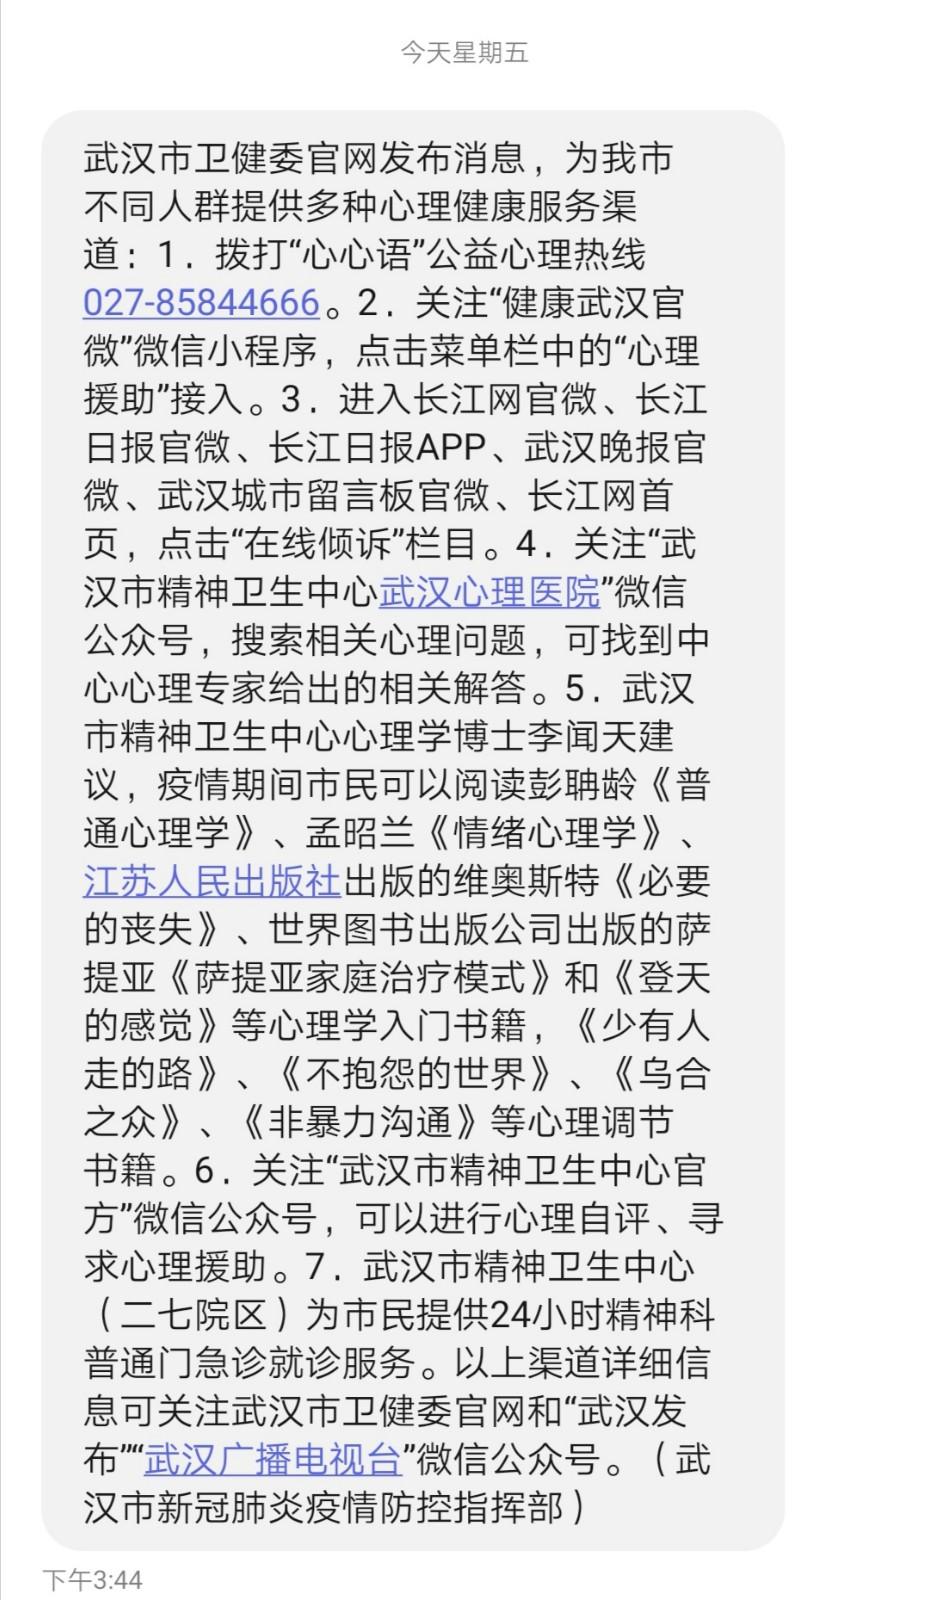 Screenshot_20200306_194829.jpg